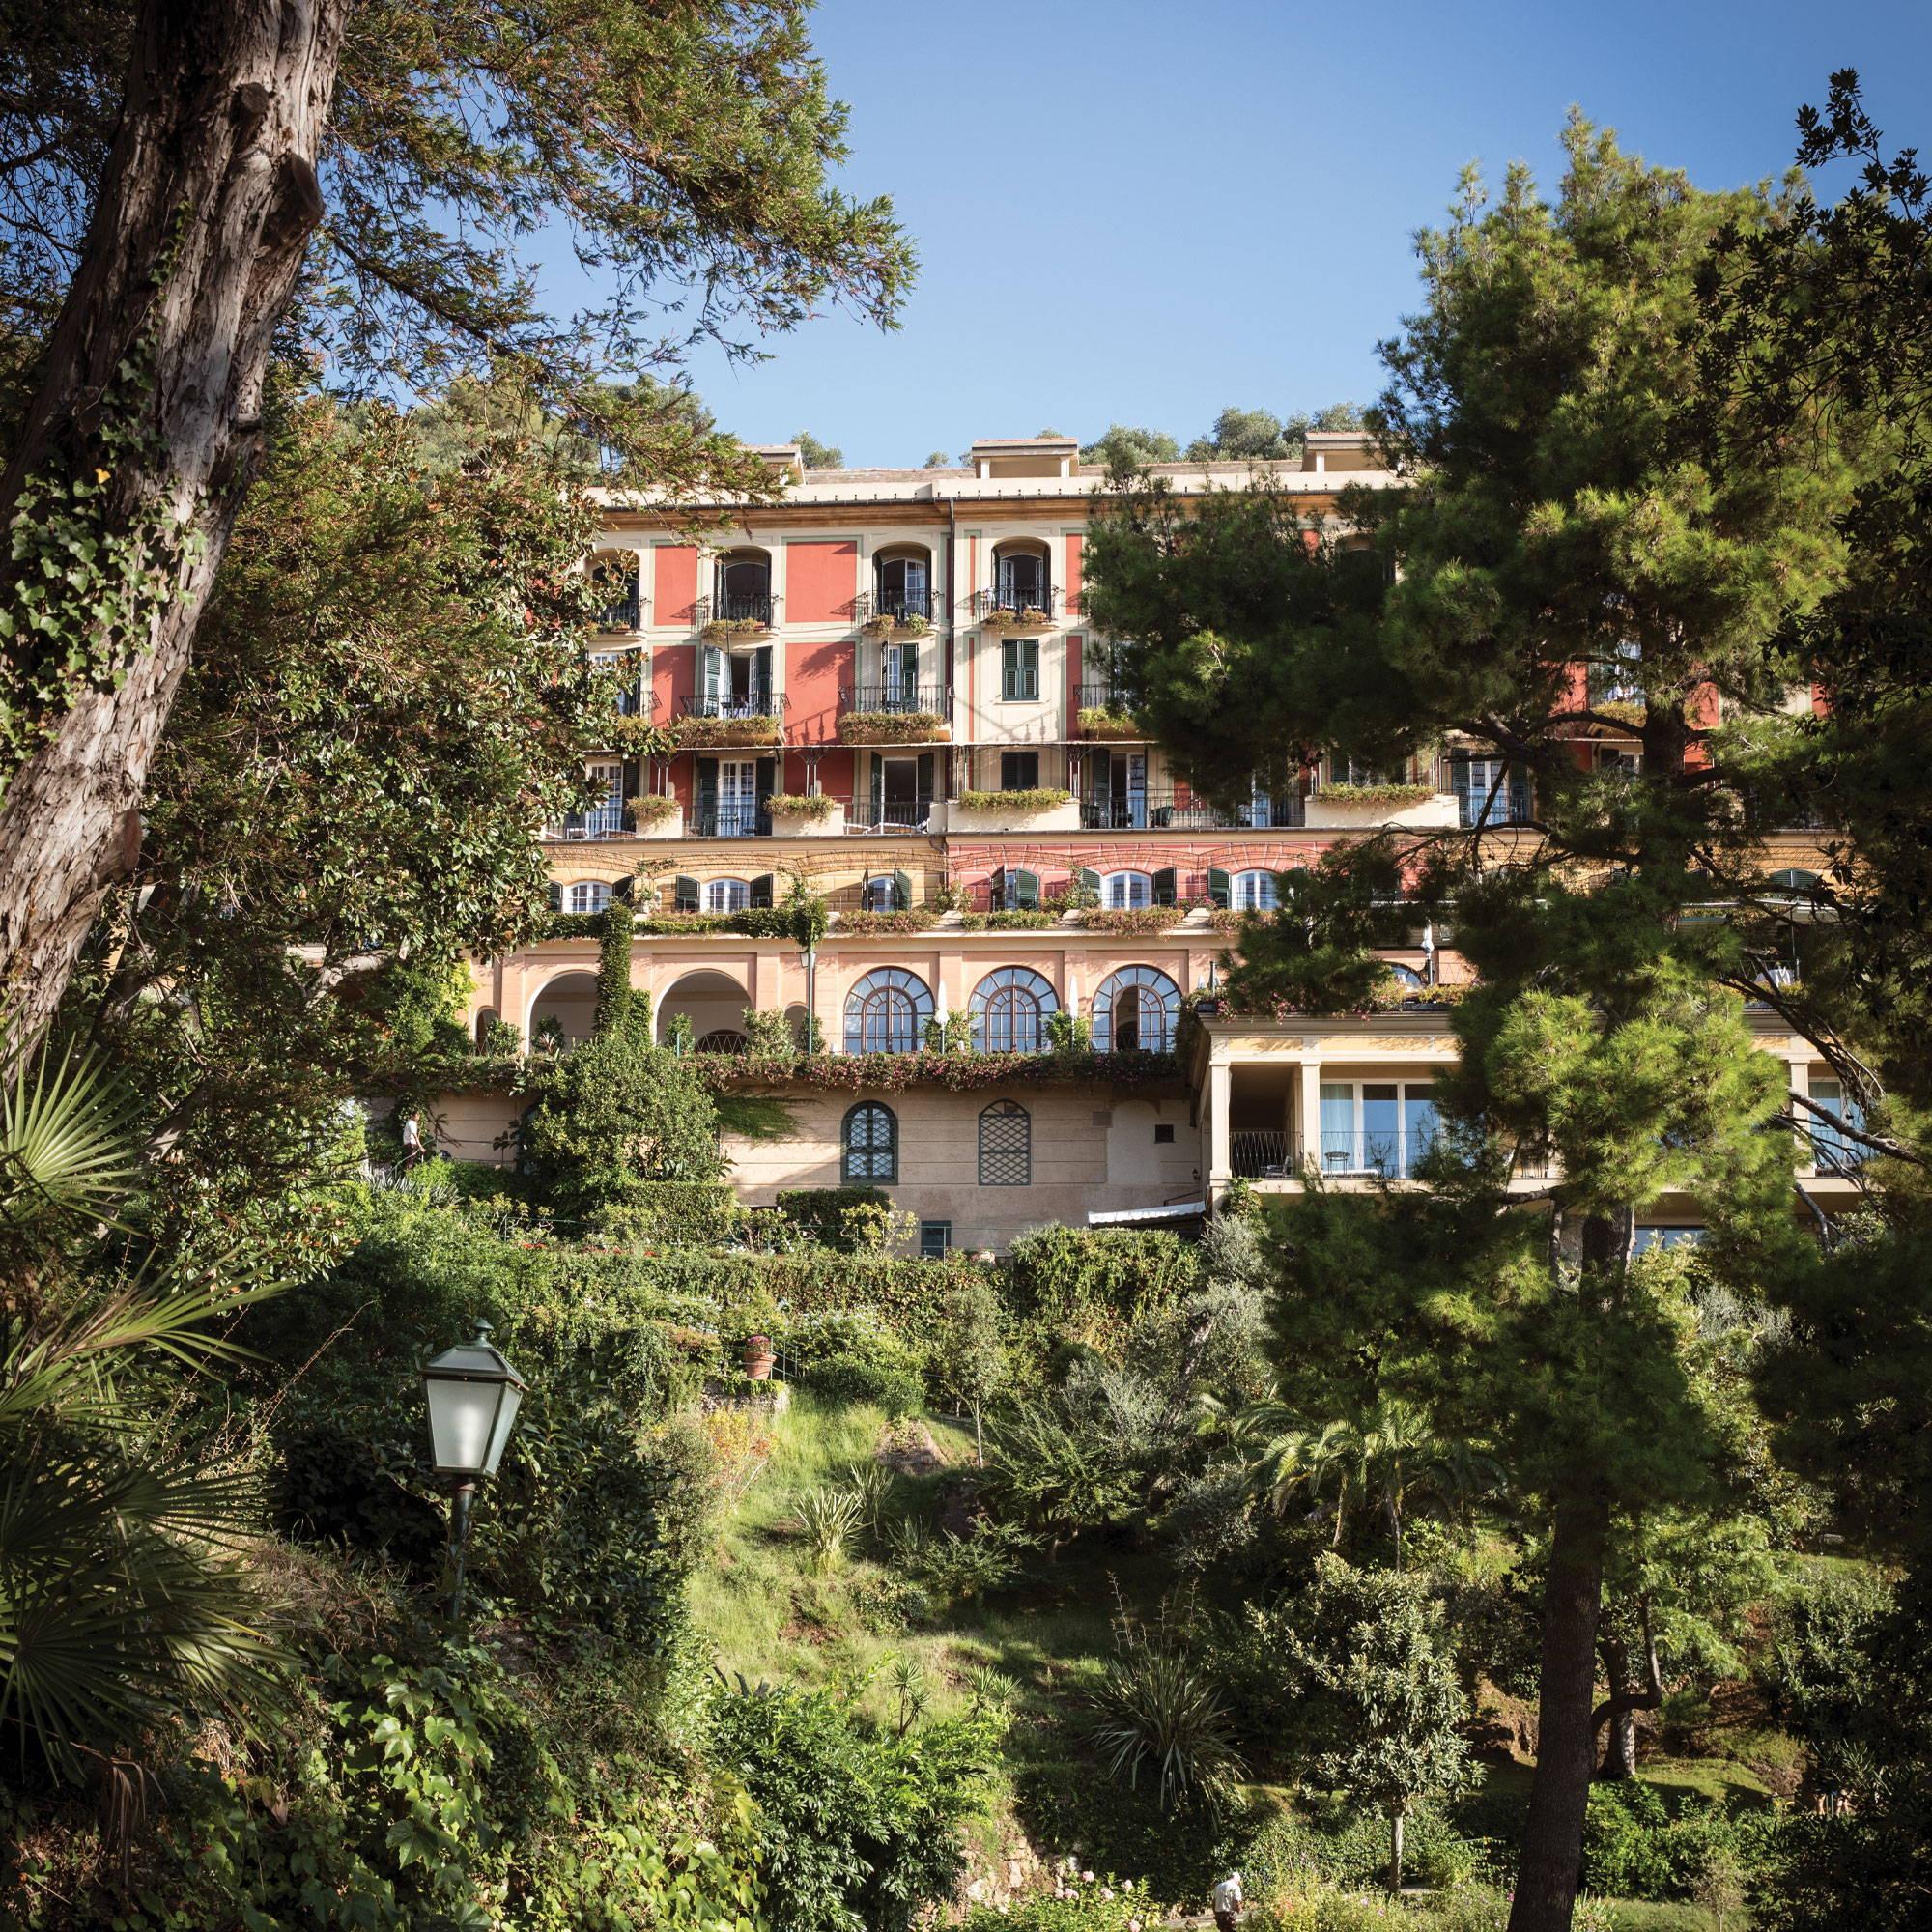 splendido a belmond hotel portofino